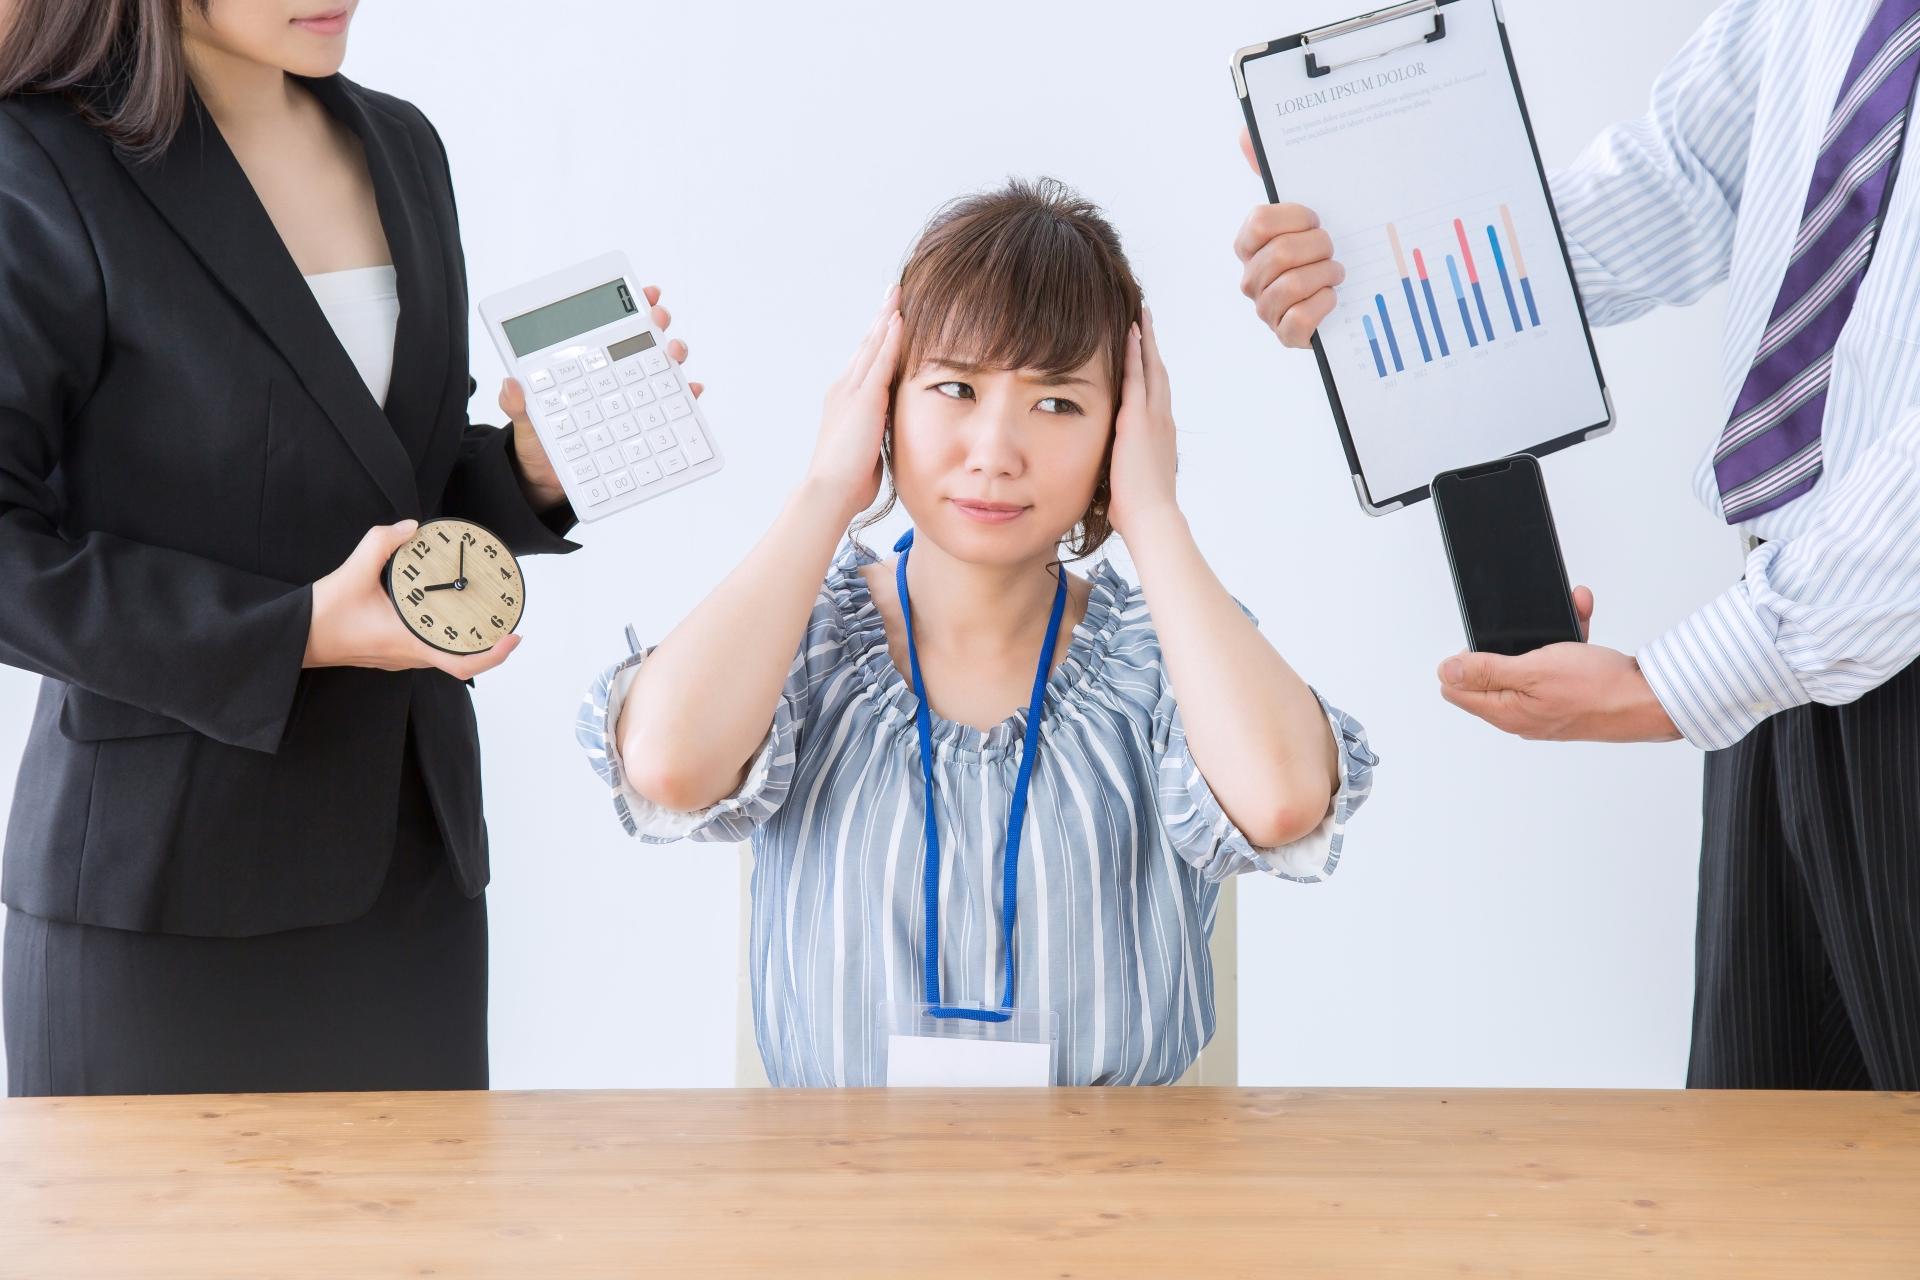 仕事とうつ病の関係、その症状とは?